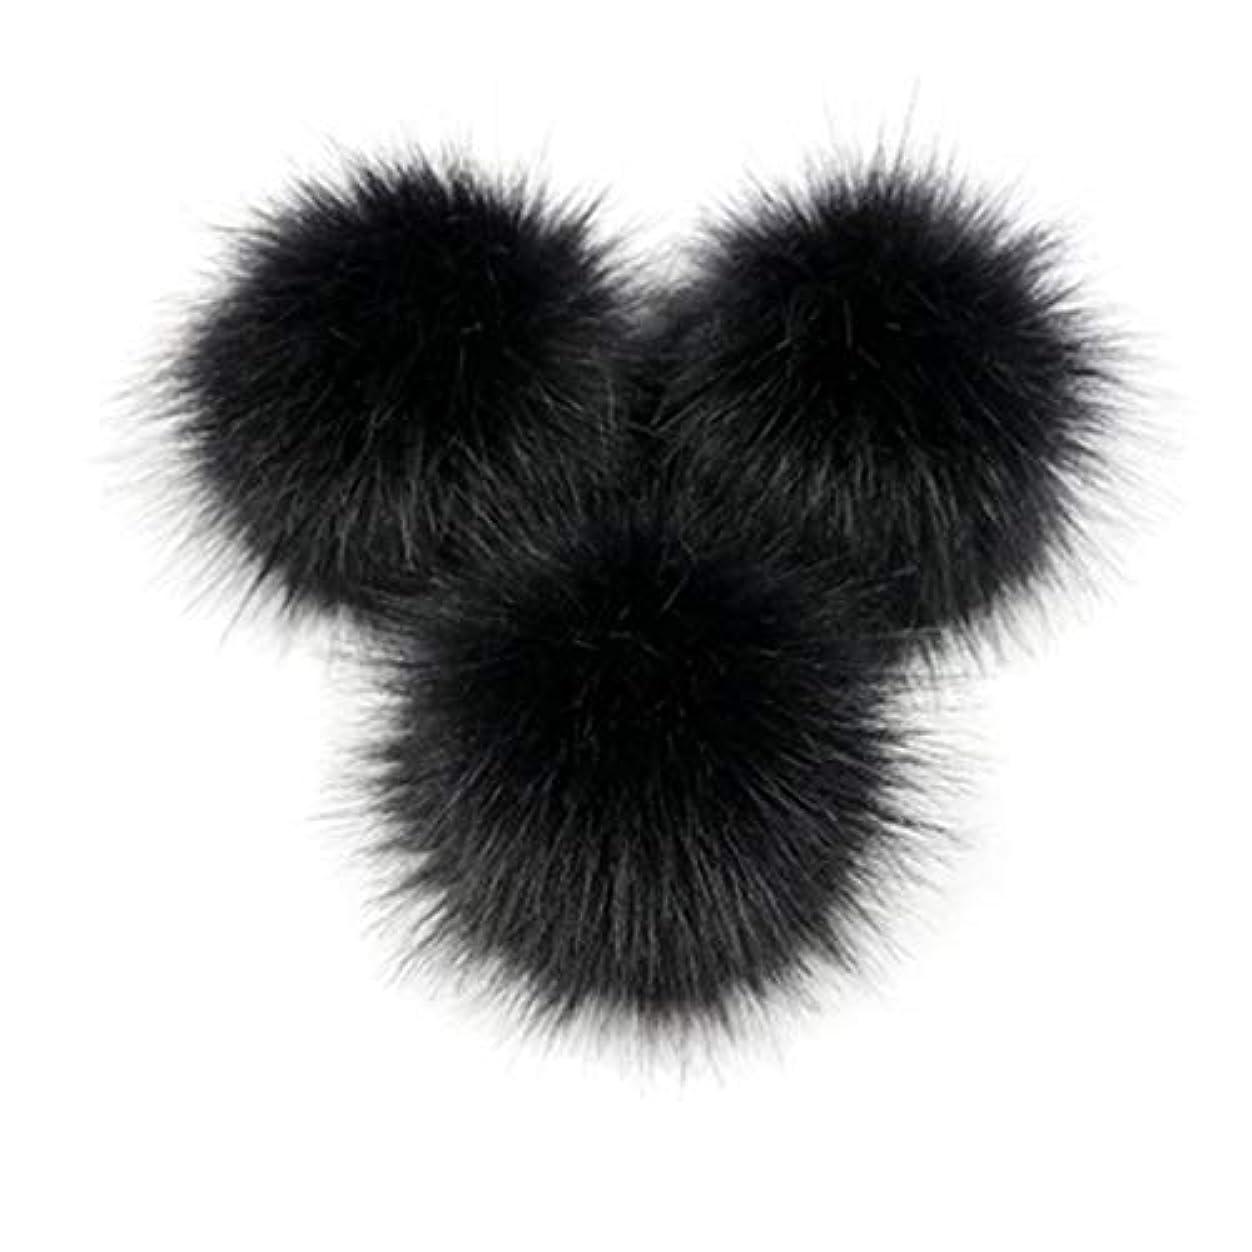 読む他のバンドでかわすKongqiabonaかわいいキツネの毛皮のポンポン取り外し可能な毛皮ふわふわボブルボールでプレスボタン用diy帽子キャップバッグ服靴の装飾